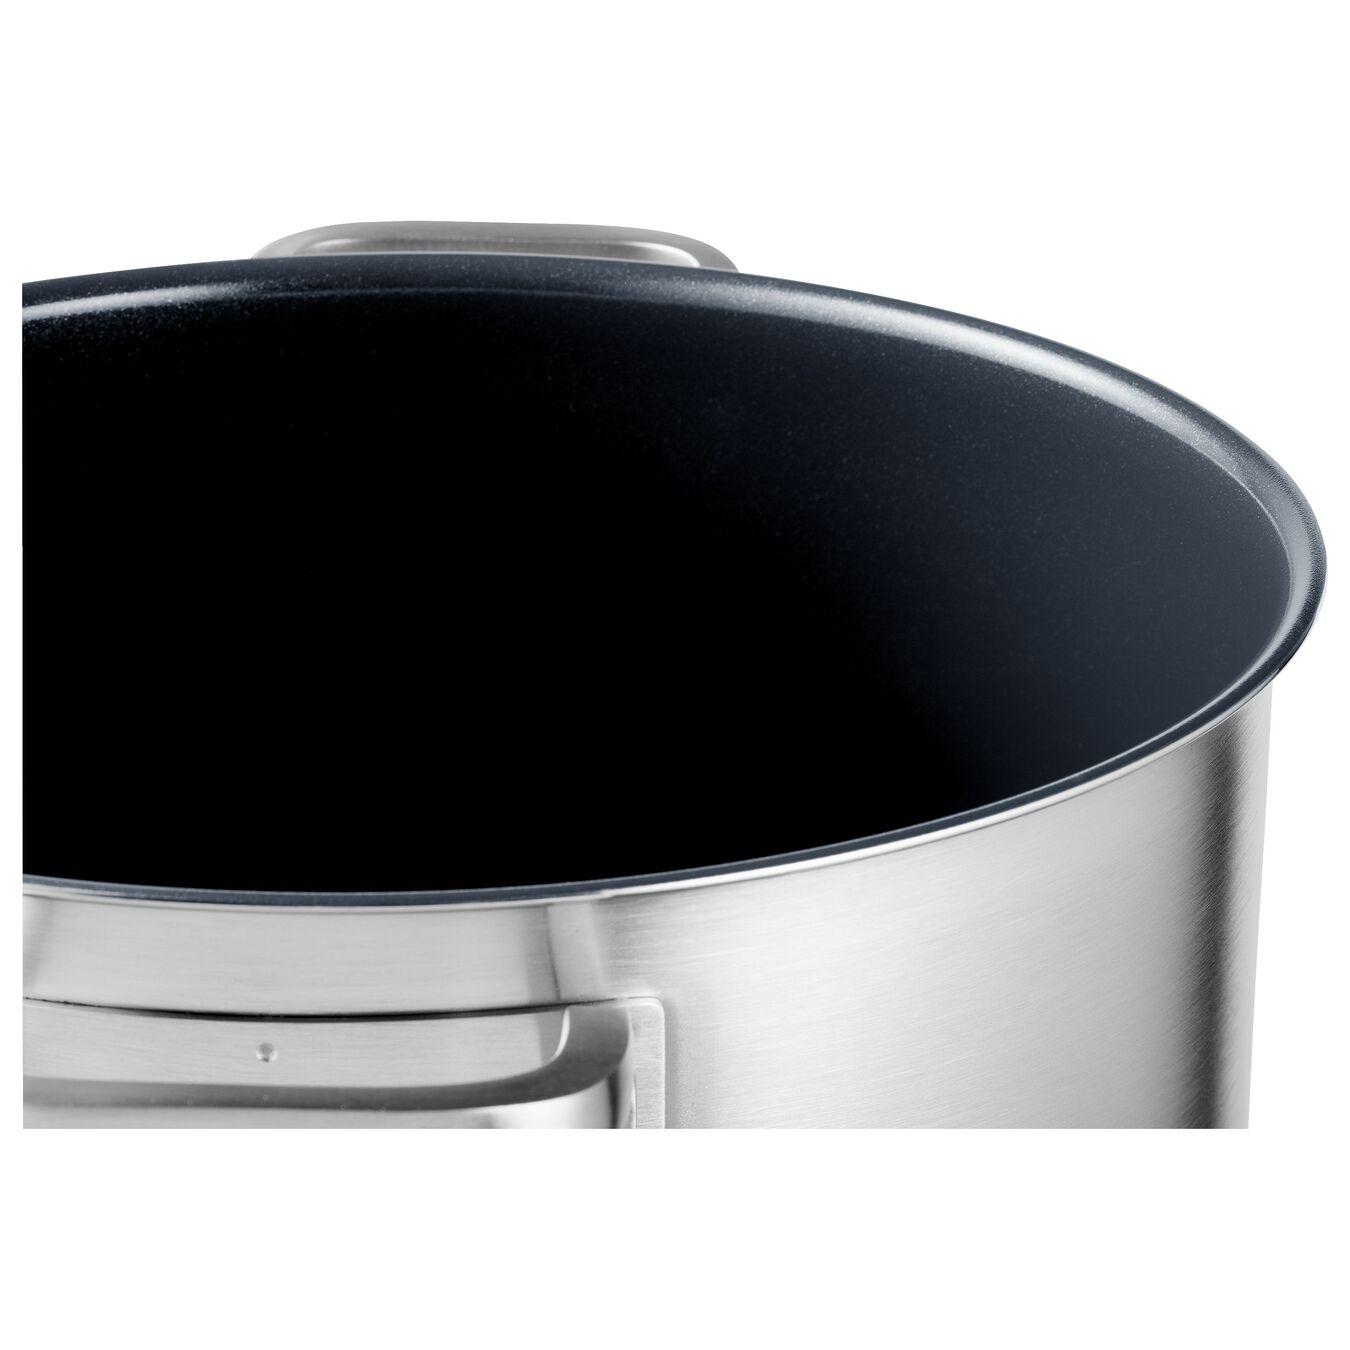 Ensemble de casseroles 3-pcs, Acier inoxydable,,large 3